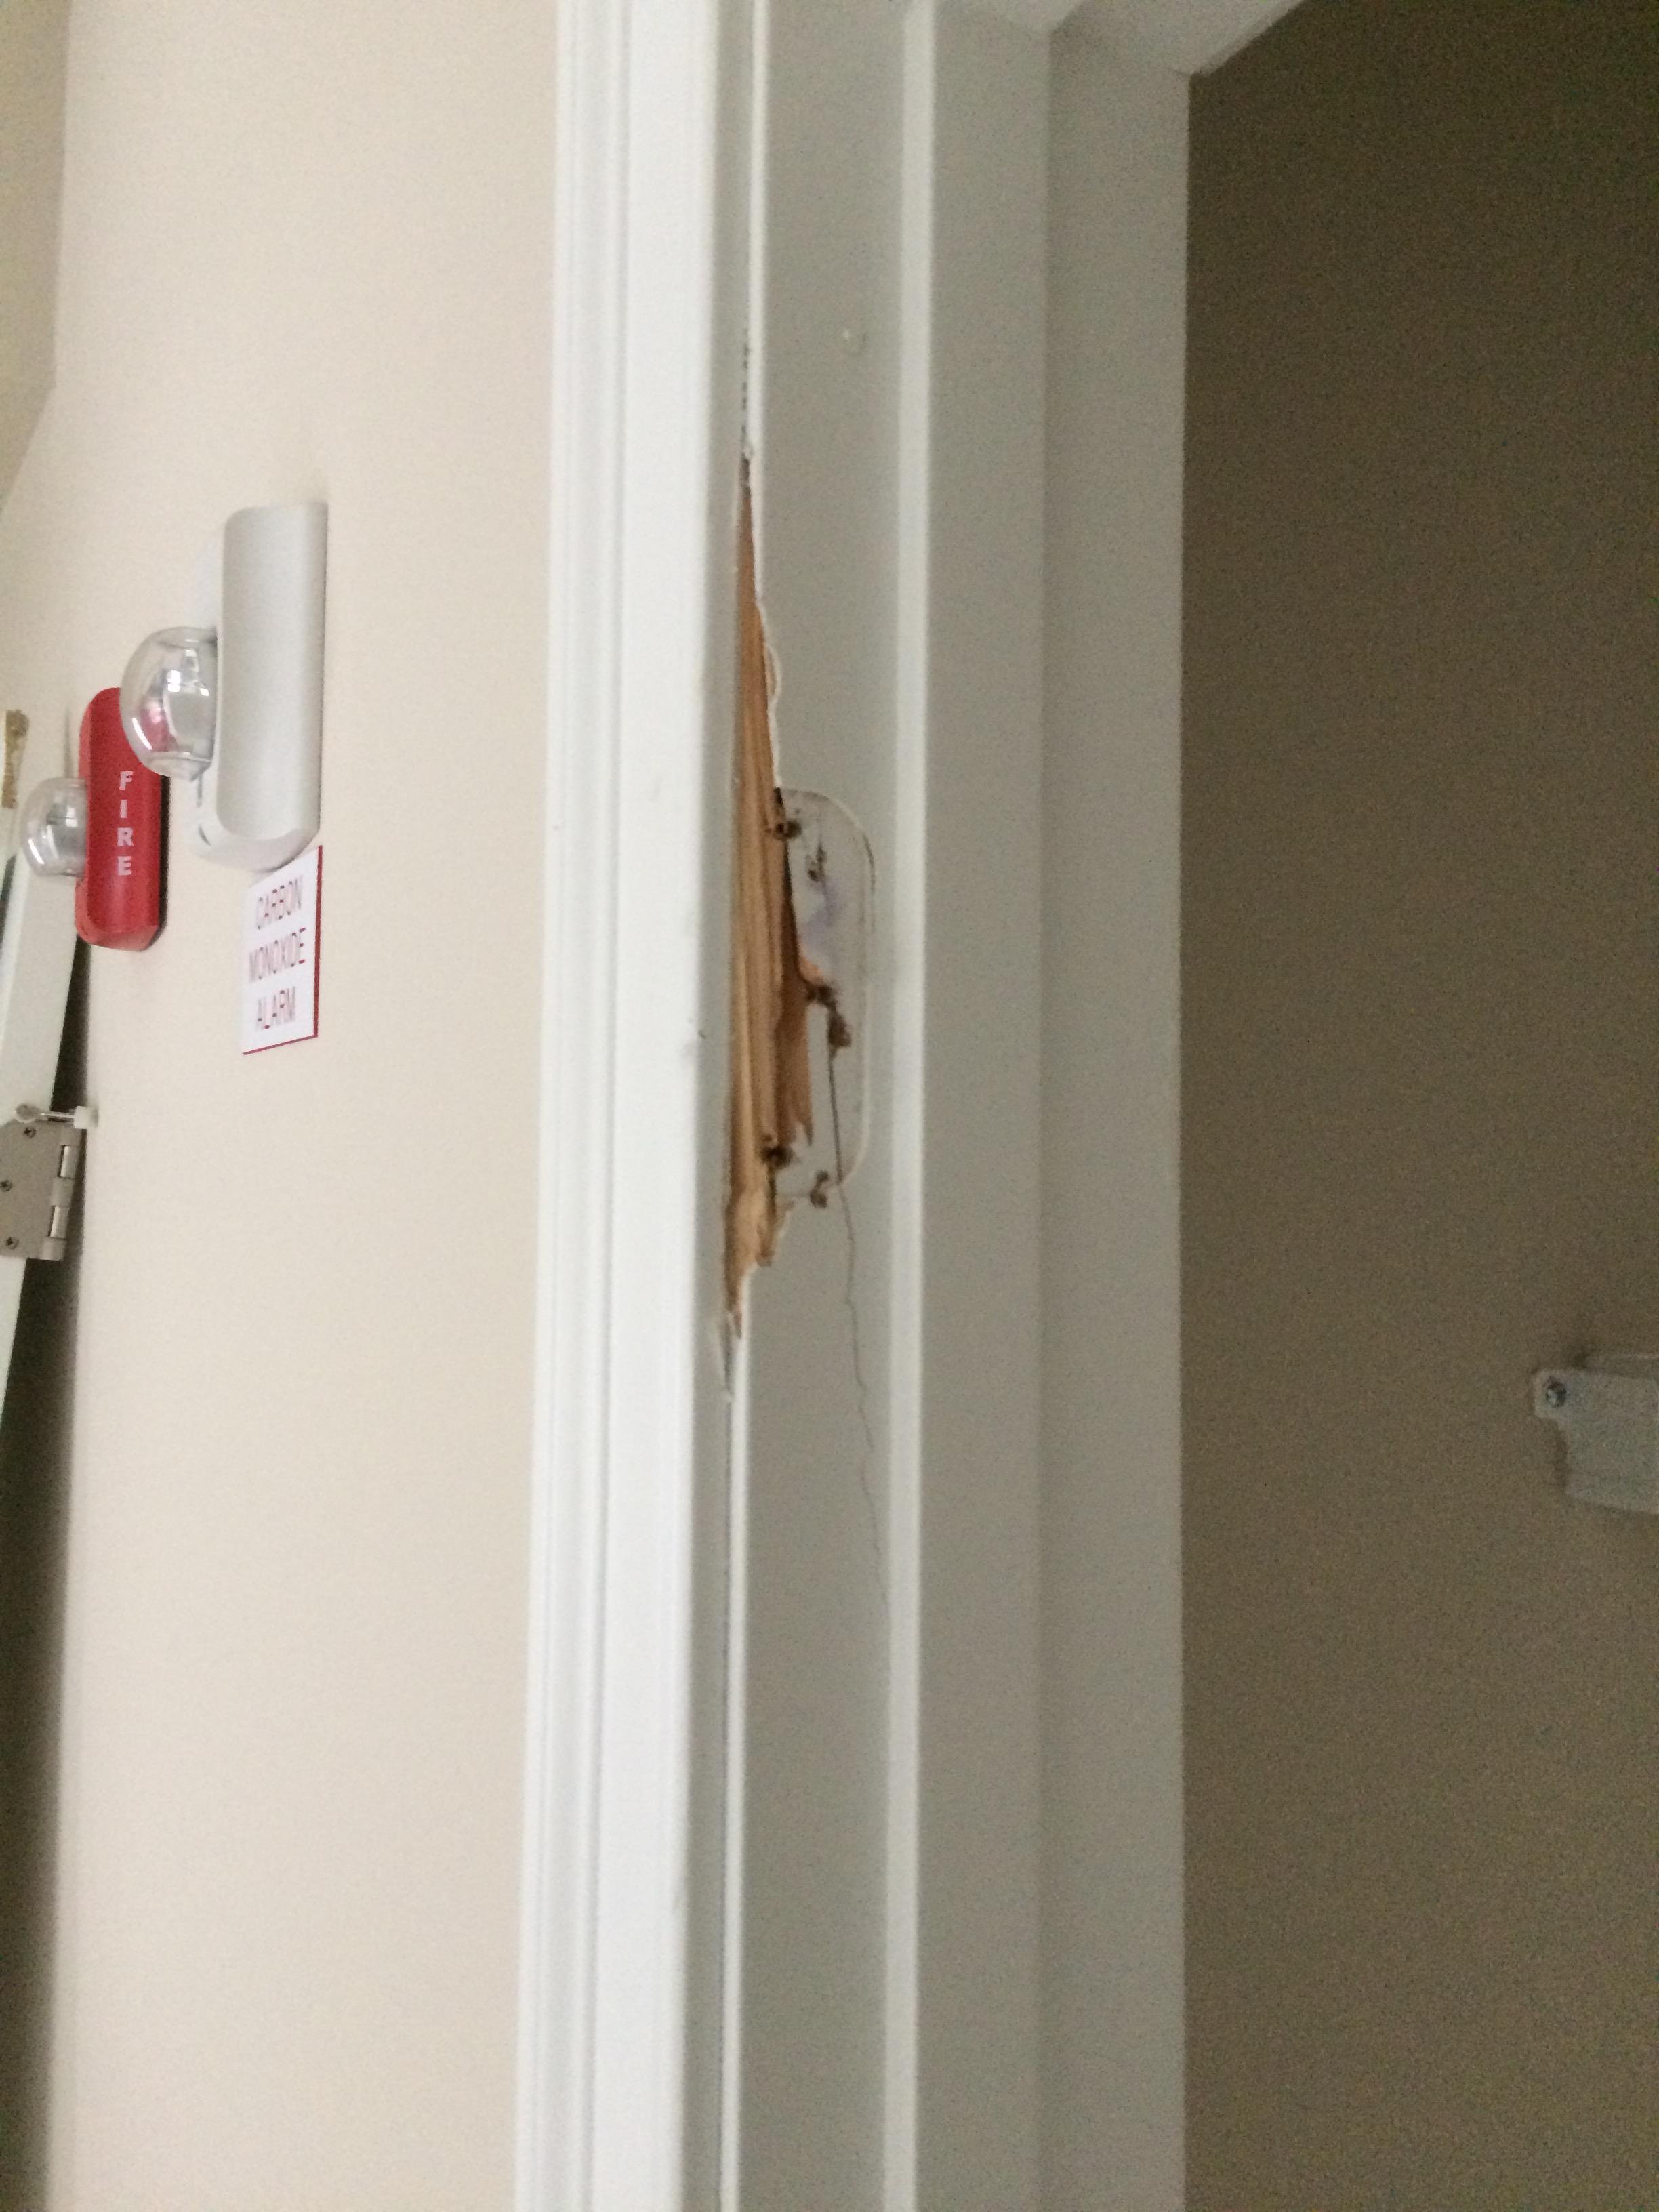 replacing one side of a broken door jam. & replacing one side of a broken door jam. \u2013 Frank Canada